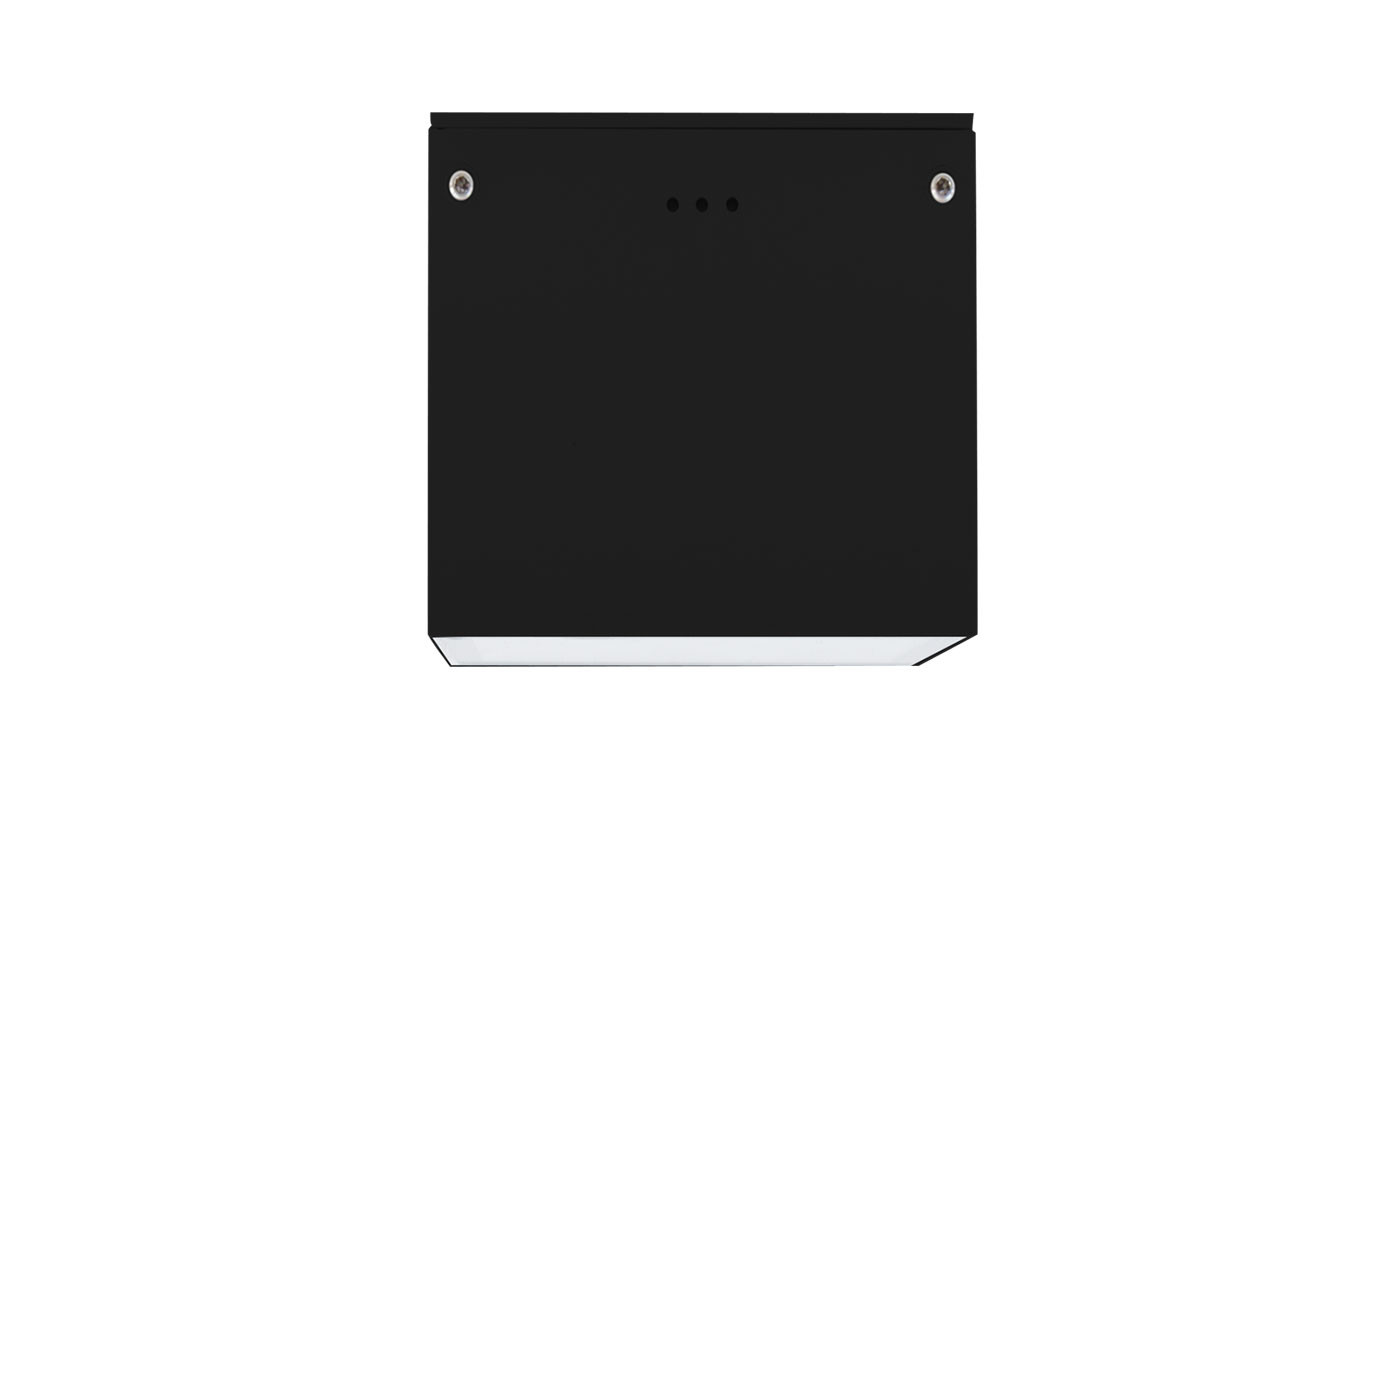 Bega 66158 LED Deckenstrahler, symmetrische Lichtverteilung